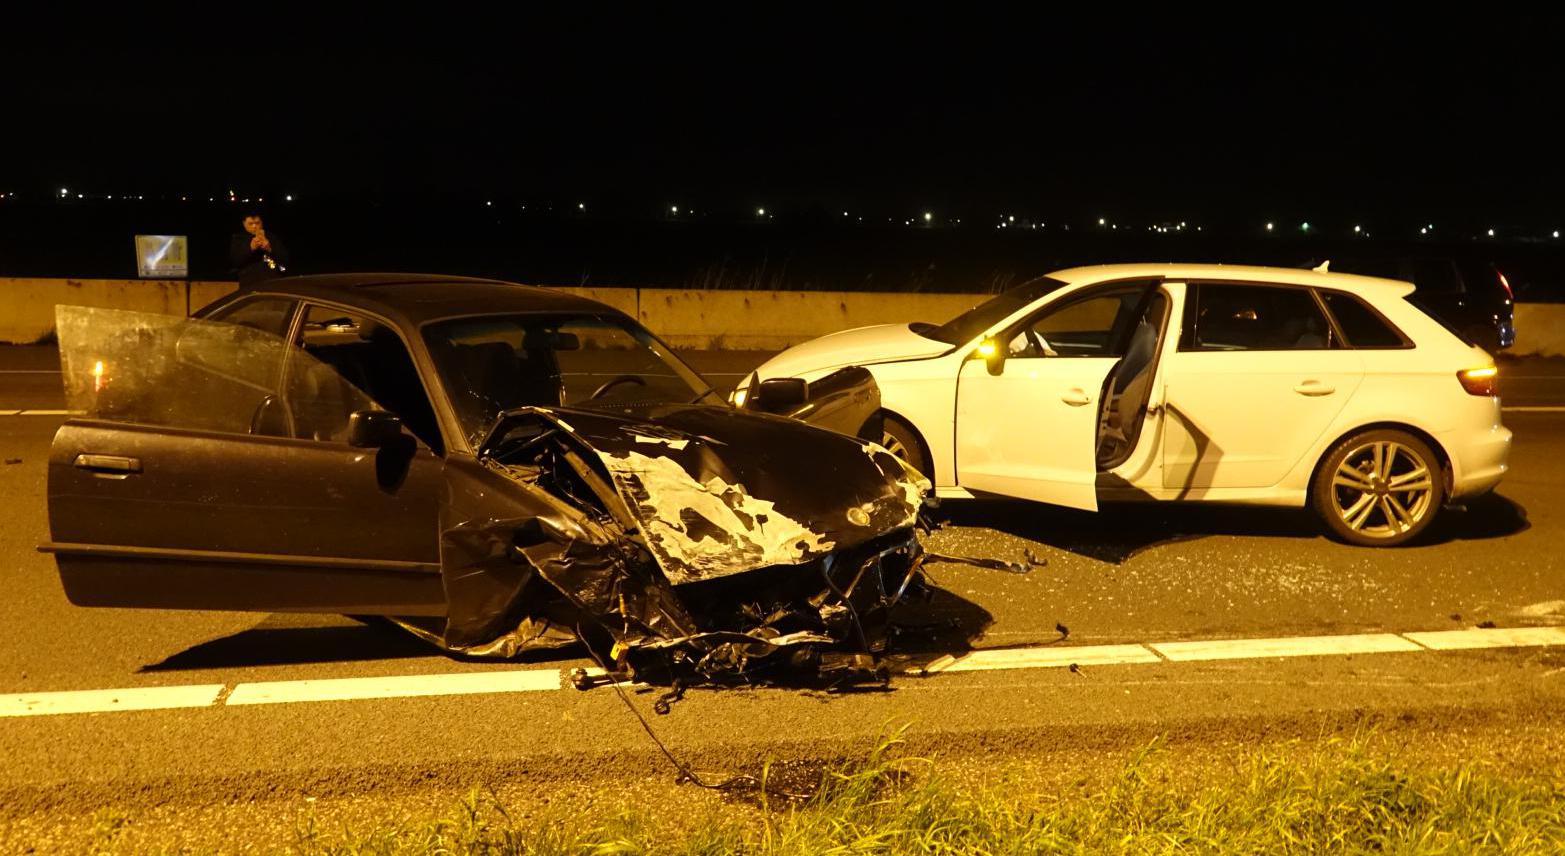 Drie gewonden bij ongeluk met drie auto's op A7 bij Wijdewormer